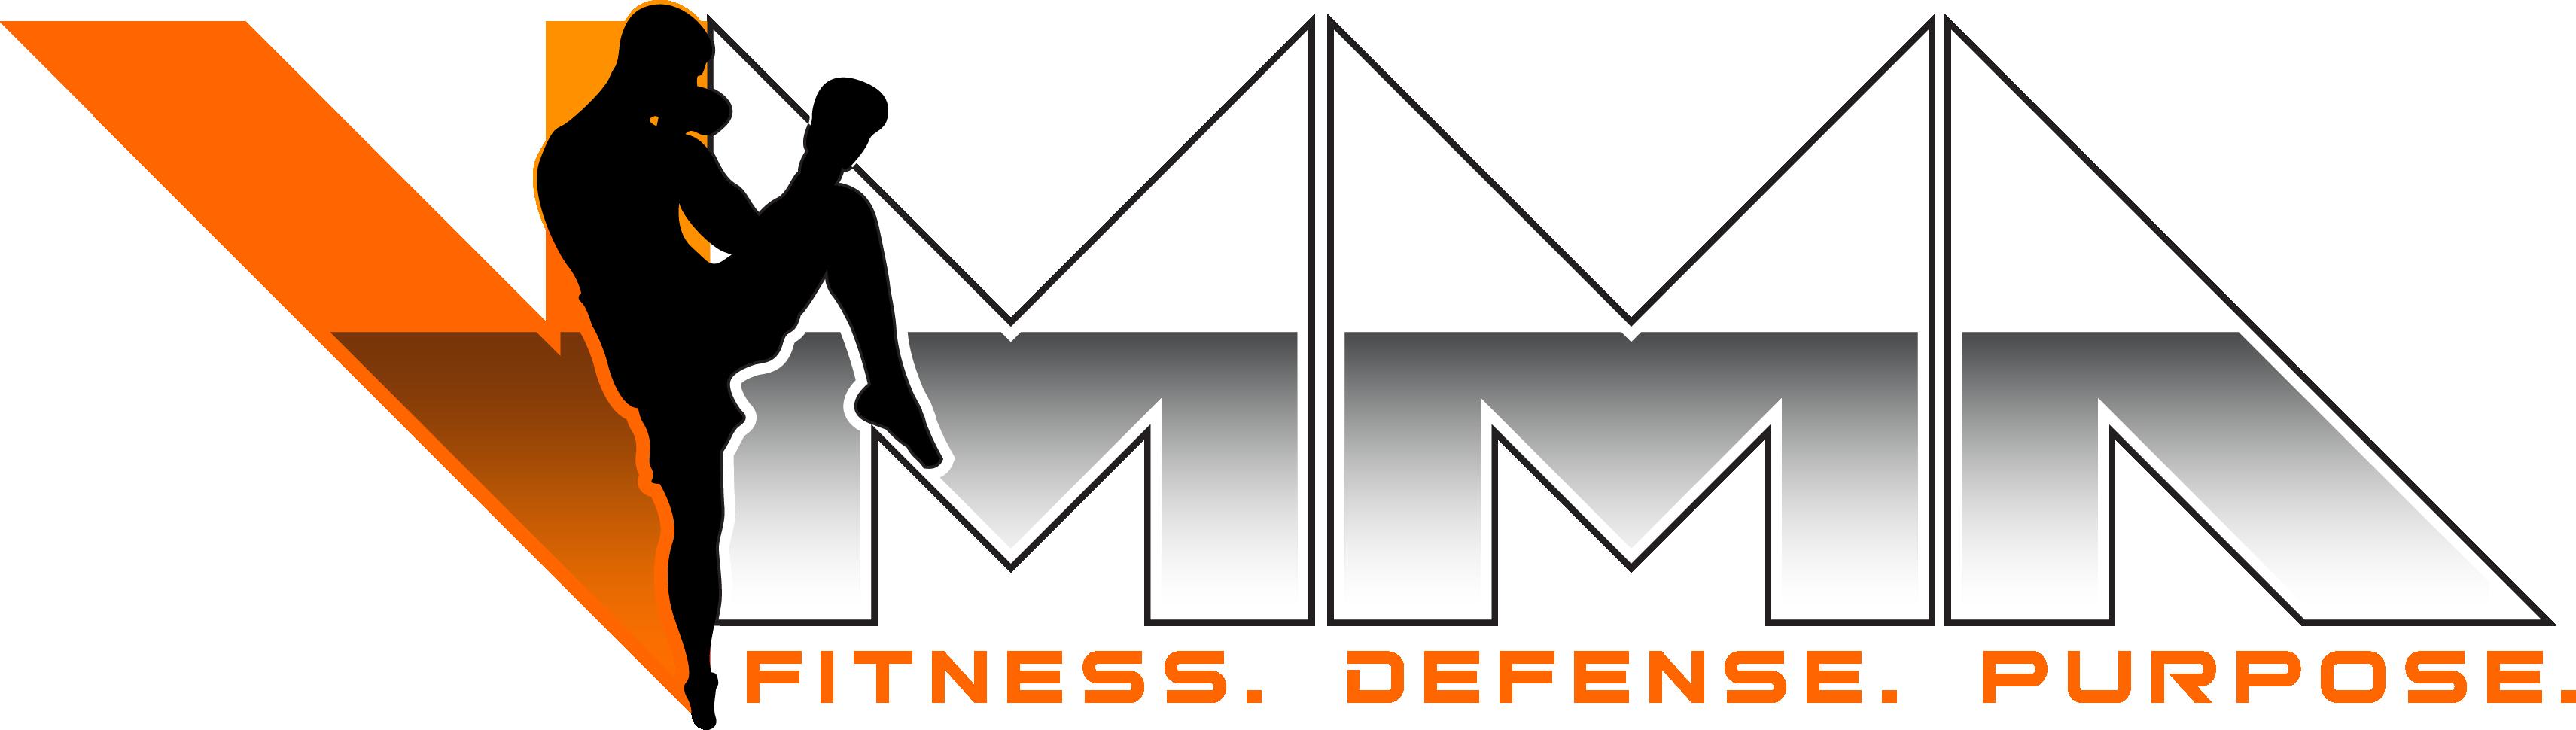 VMMA Quakertown - VIP Referral Form